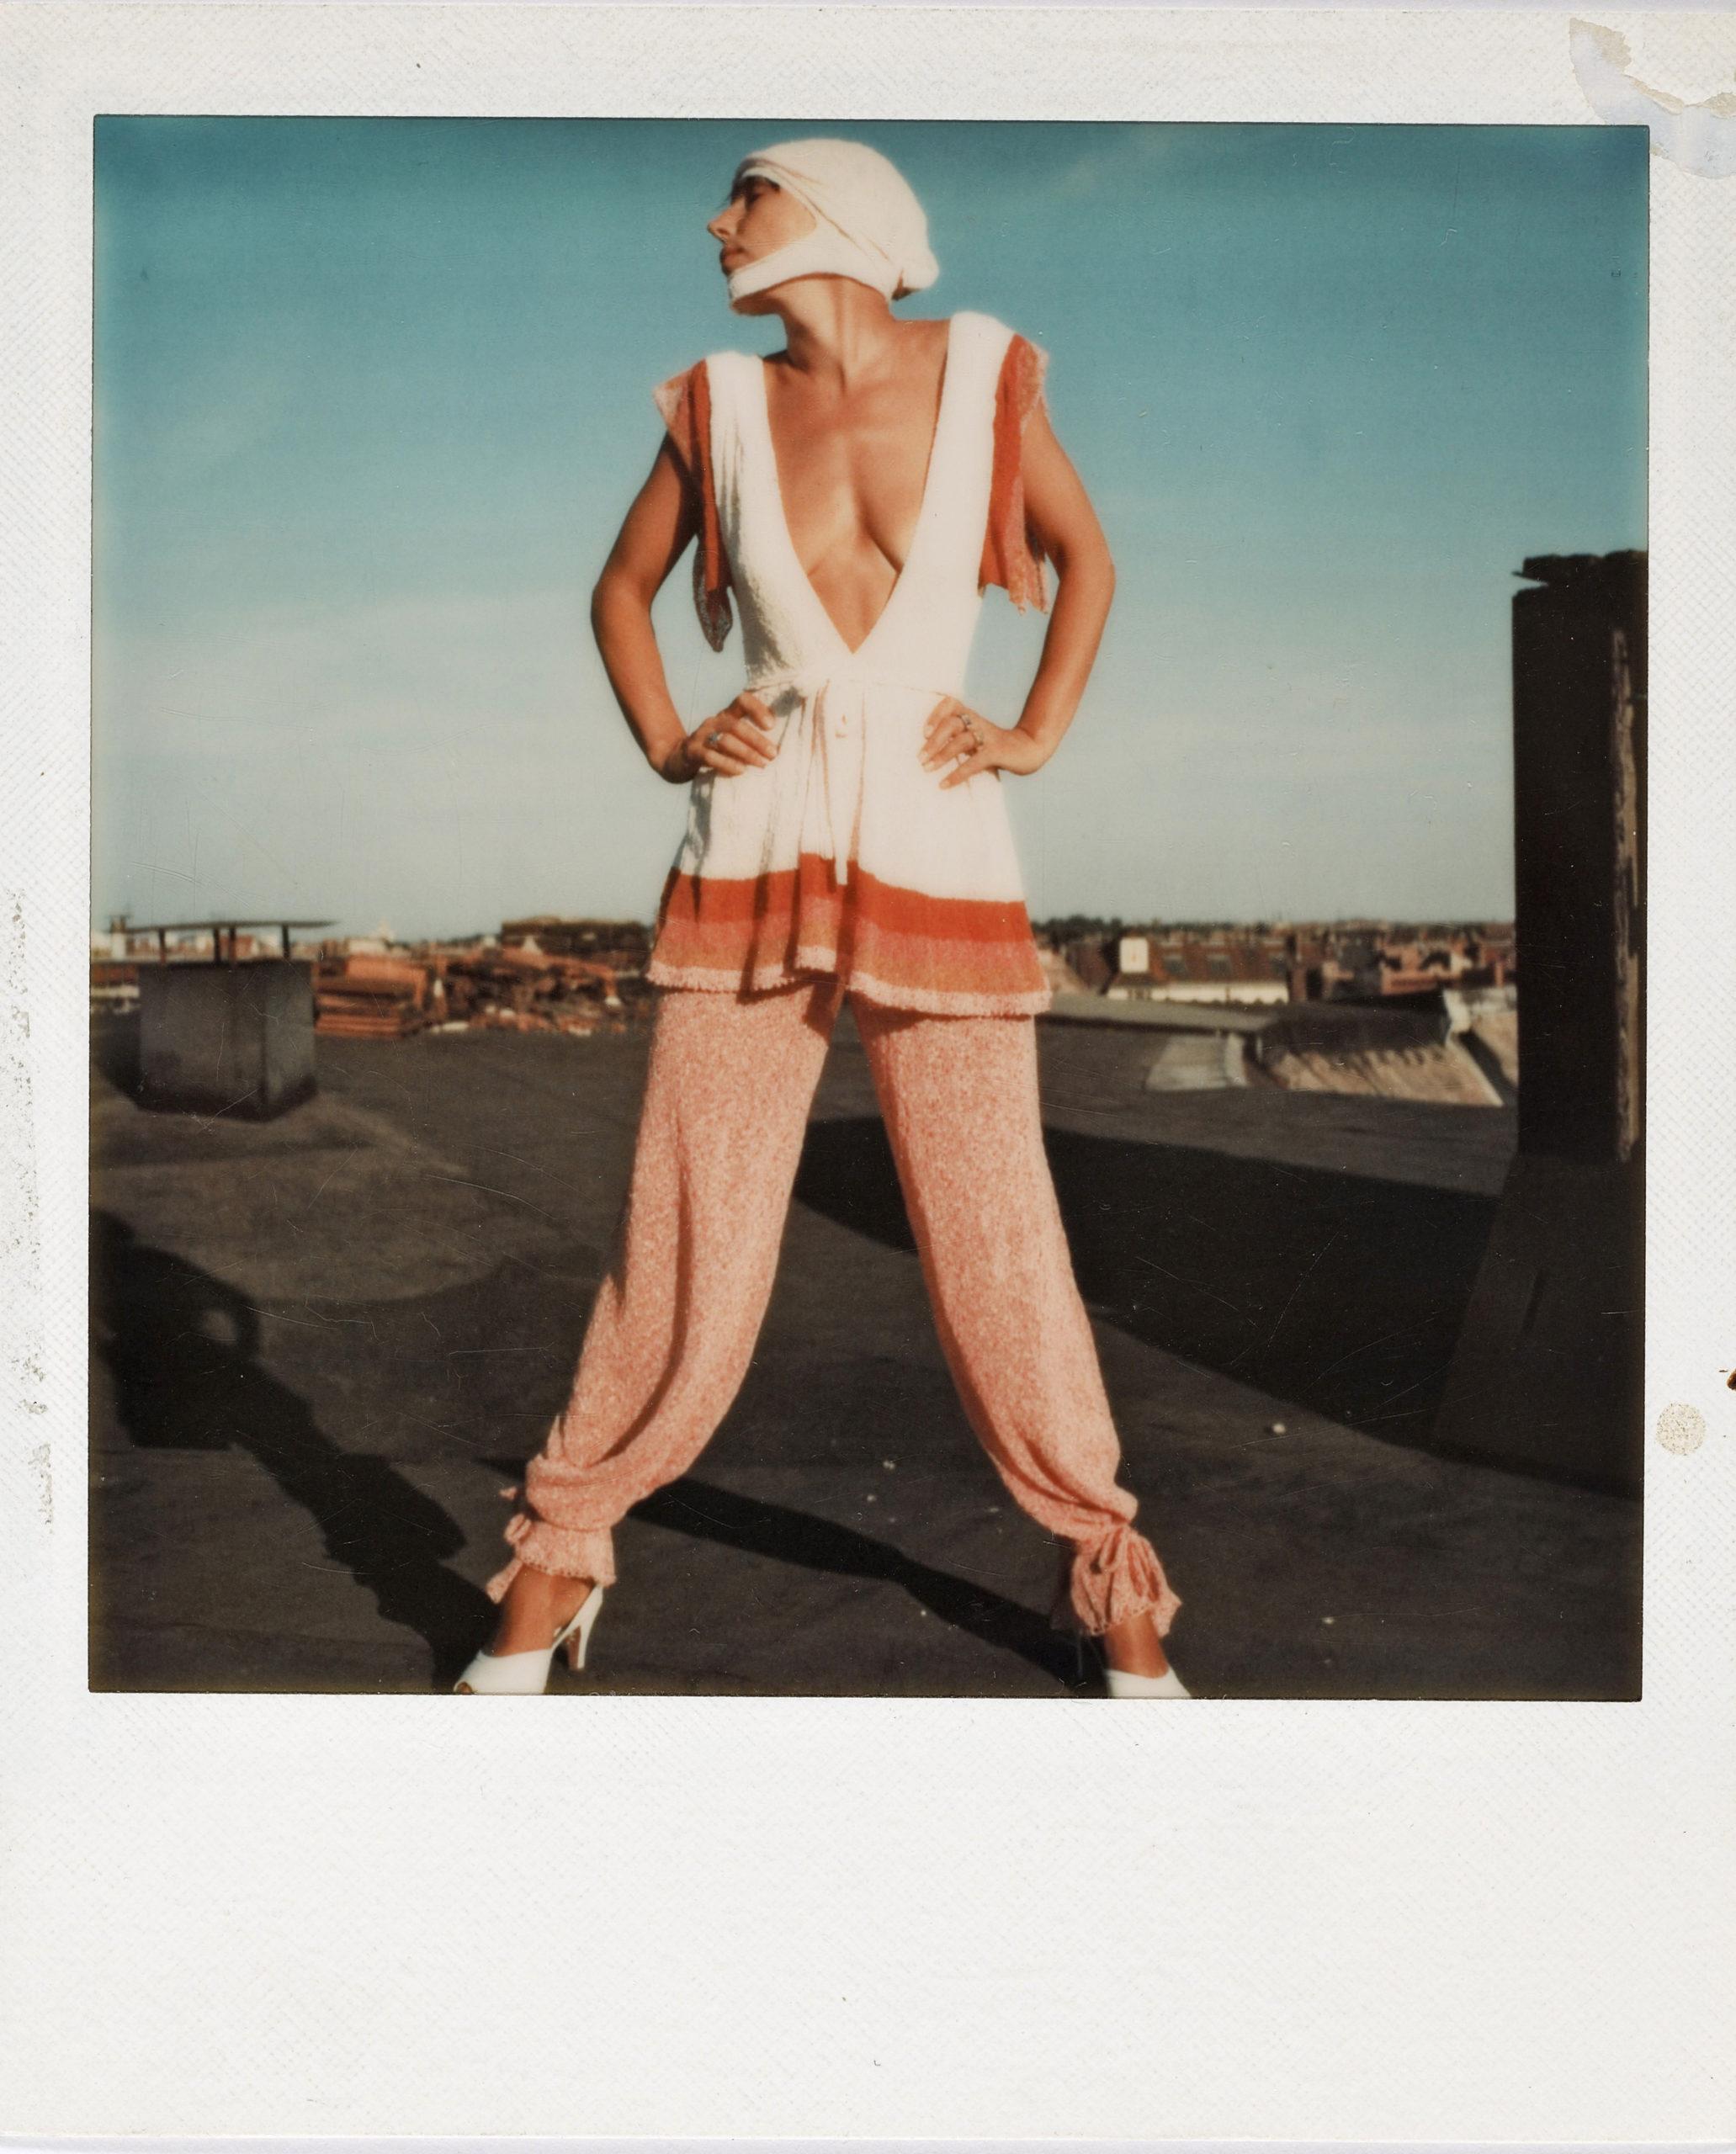 """Claudia Skoda posiert auf dem Dach der fabrikneu in ihrer Kollektion """"Shake Your Hips"""". Unbekannter Fotograf, ca. 1975. Foto: Claudia Skoda/SMB/Kunstbibliothek/Dietmar Katz"""